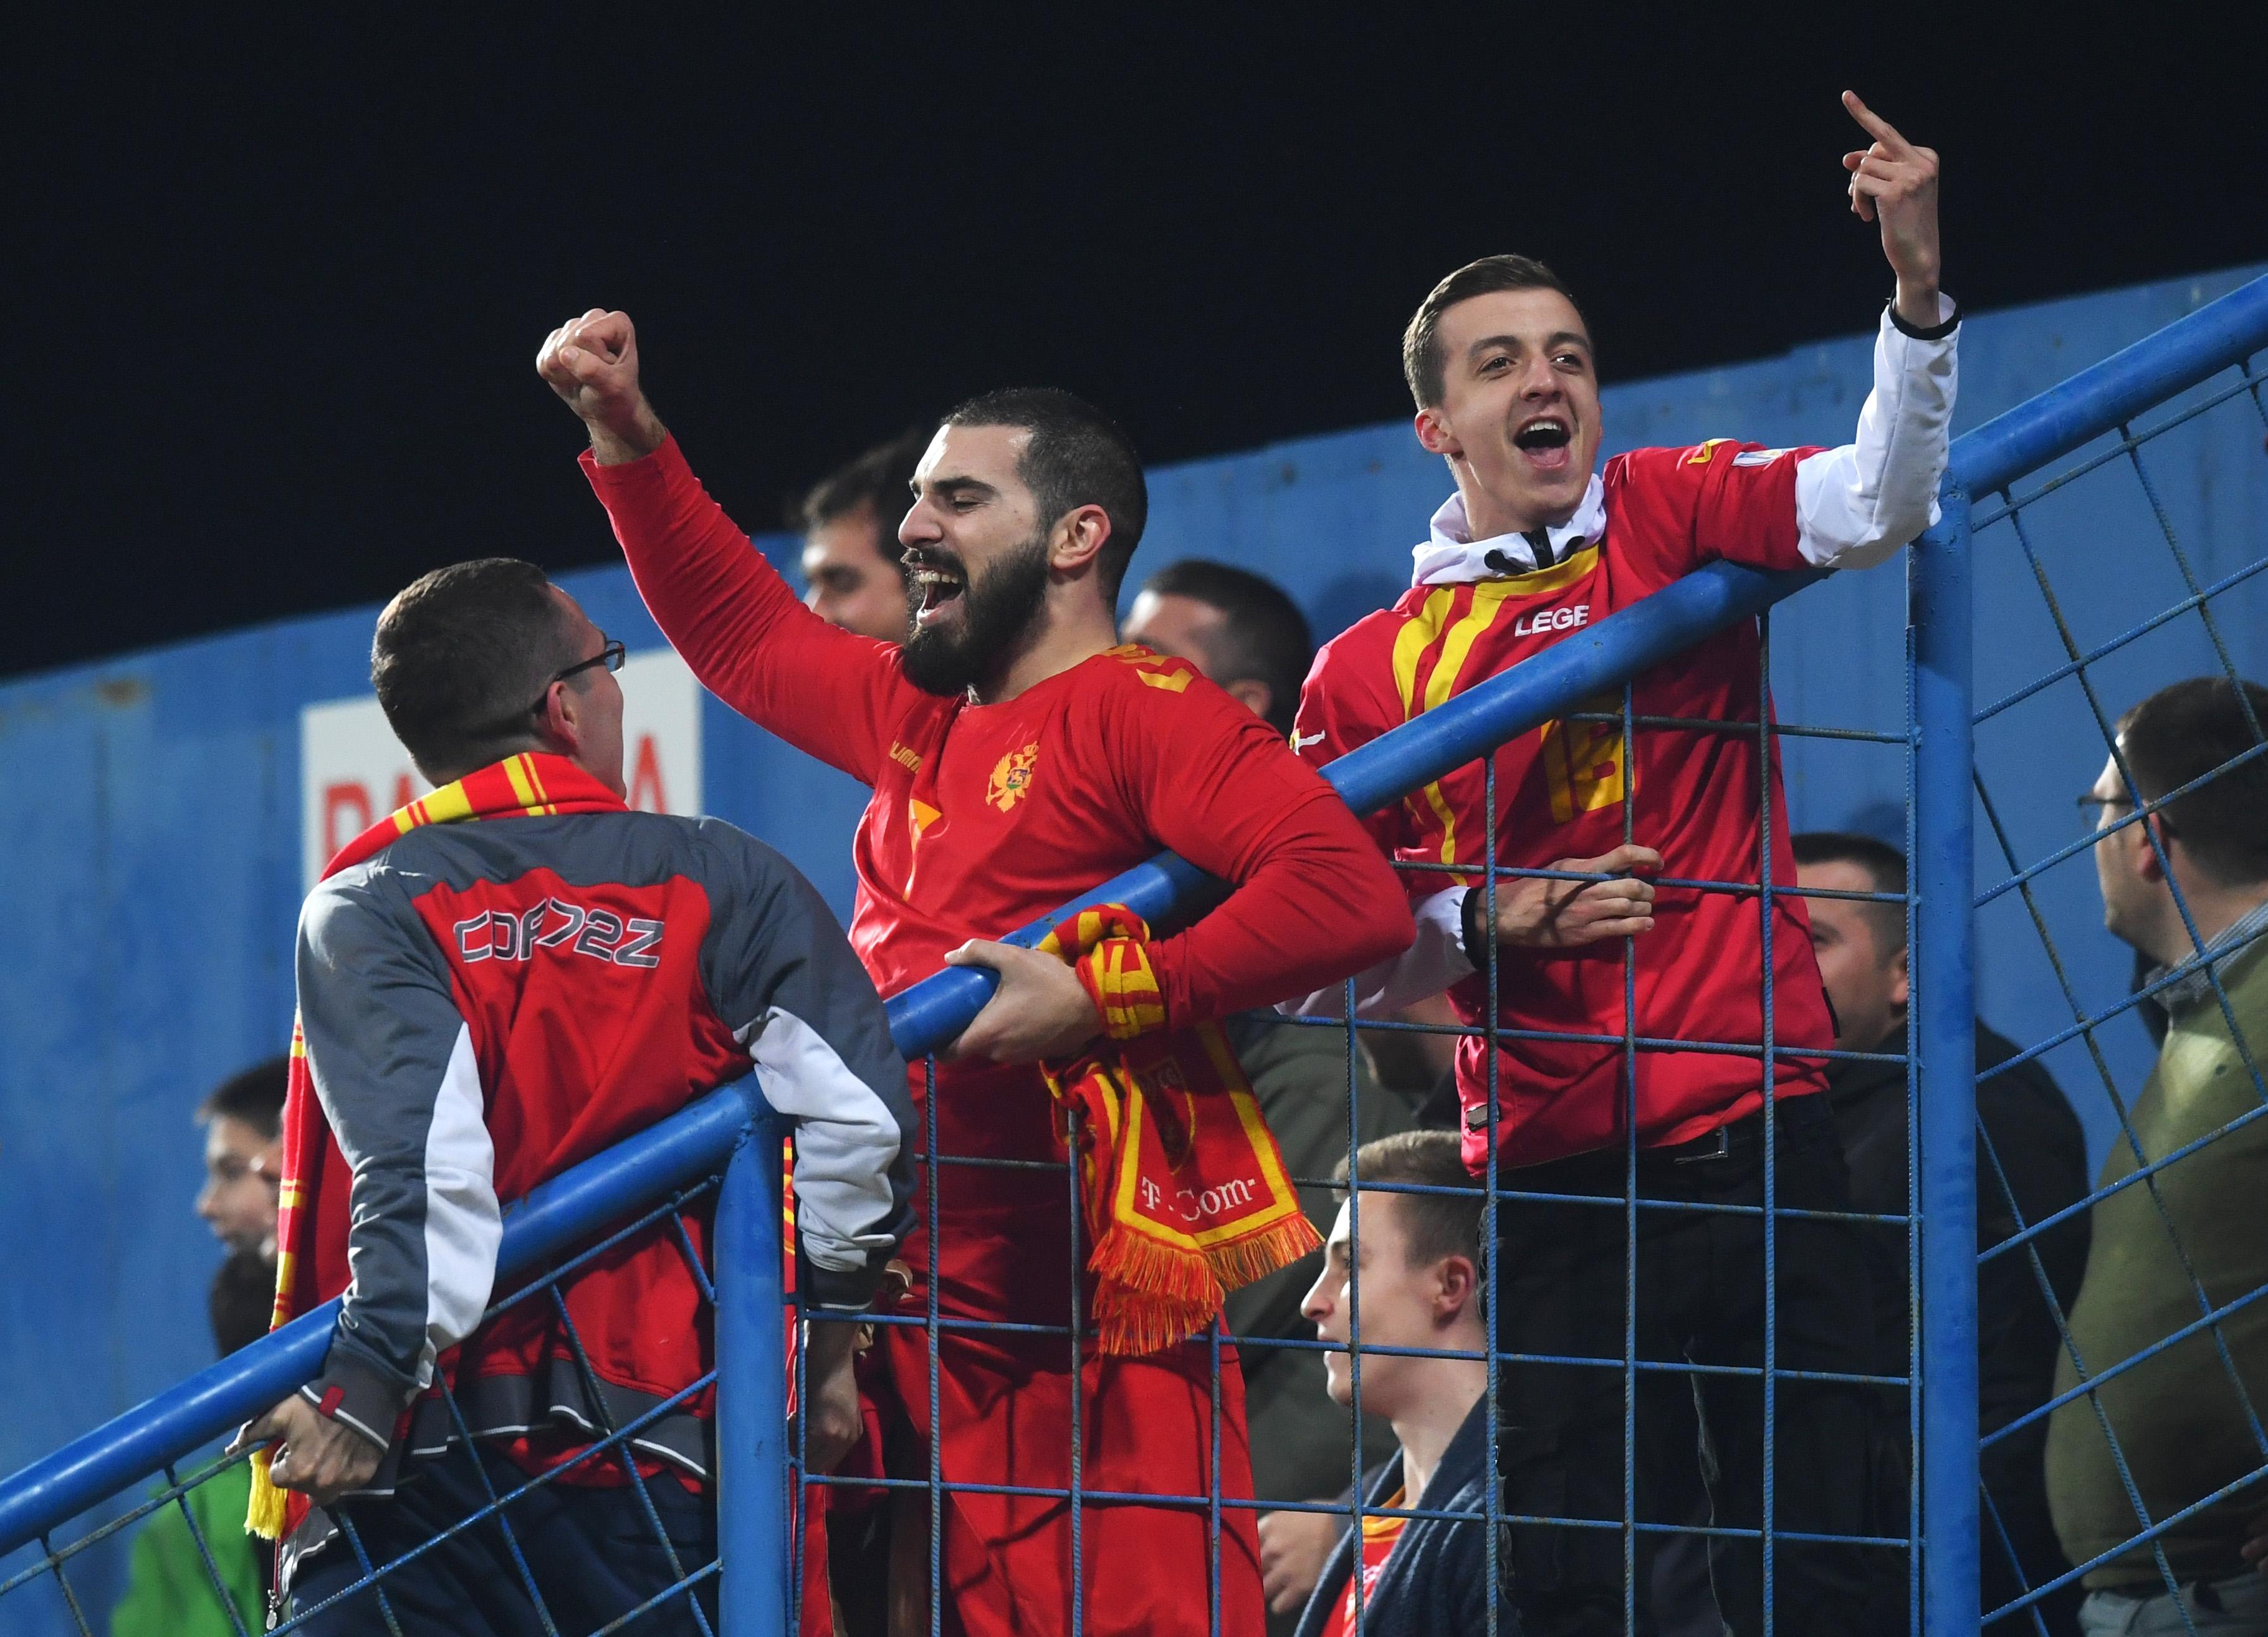 Националният тим на Черна гора загуби обжалването за наложеното от